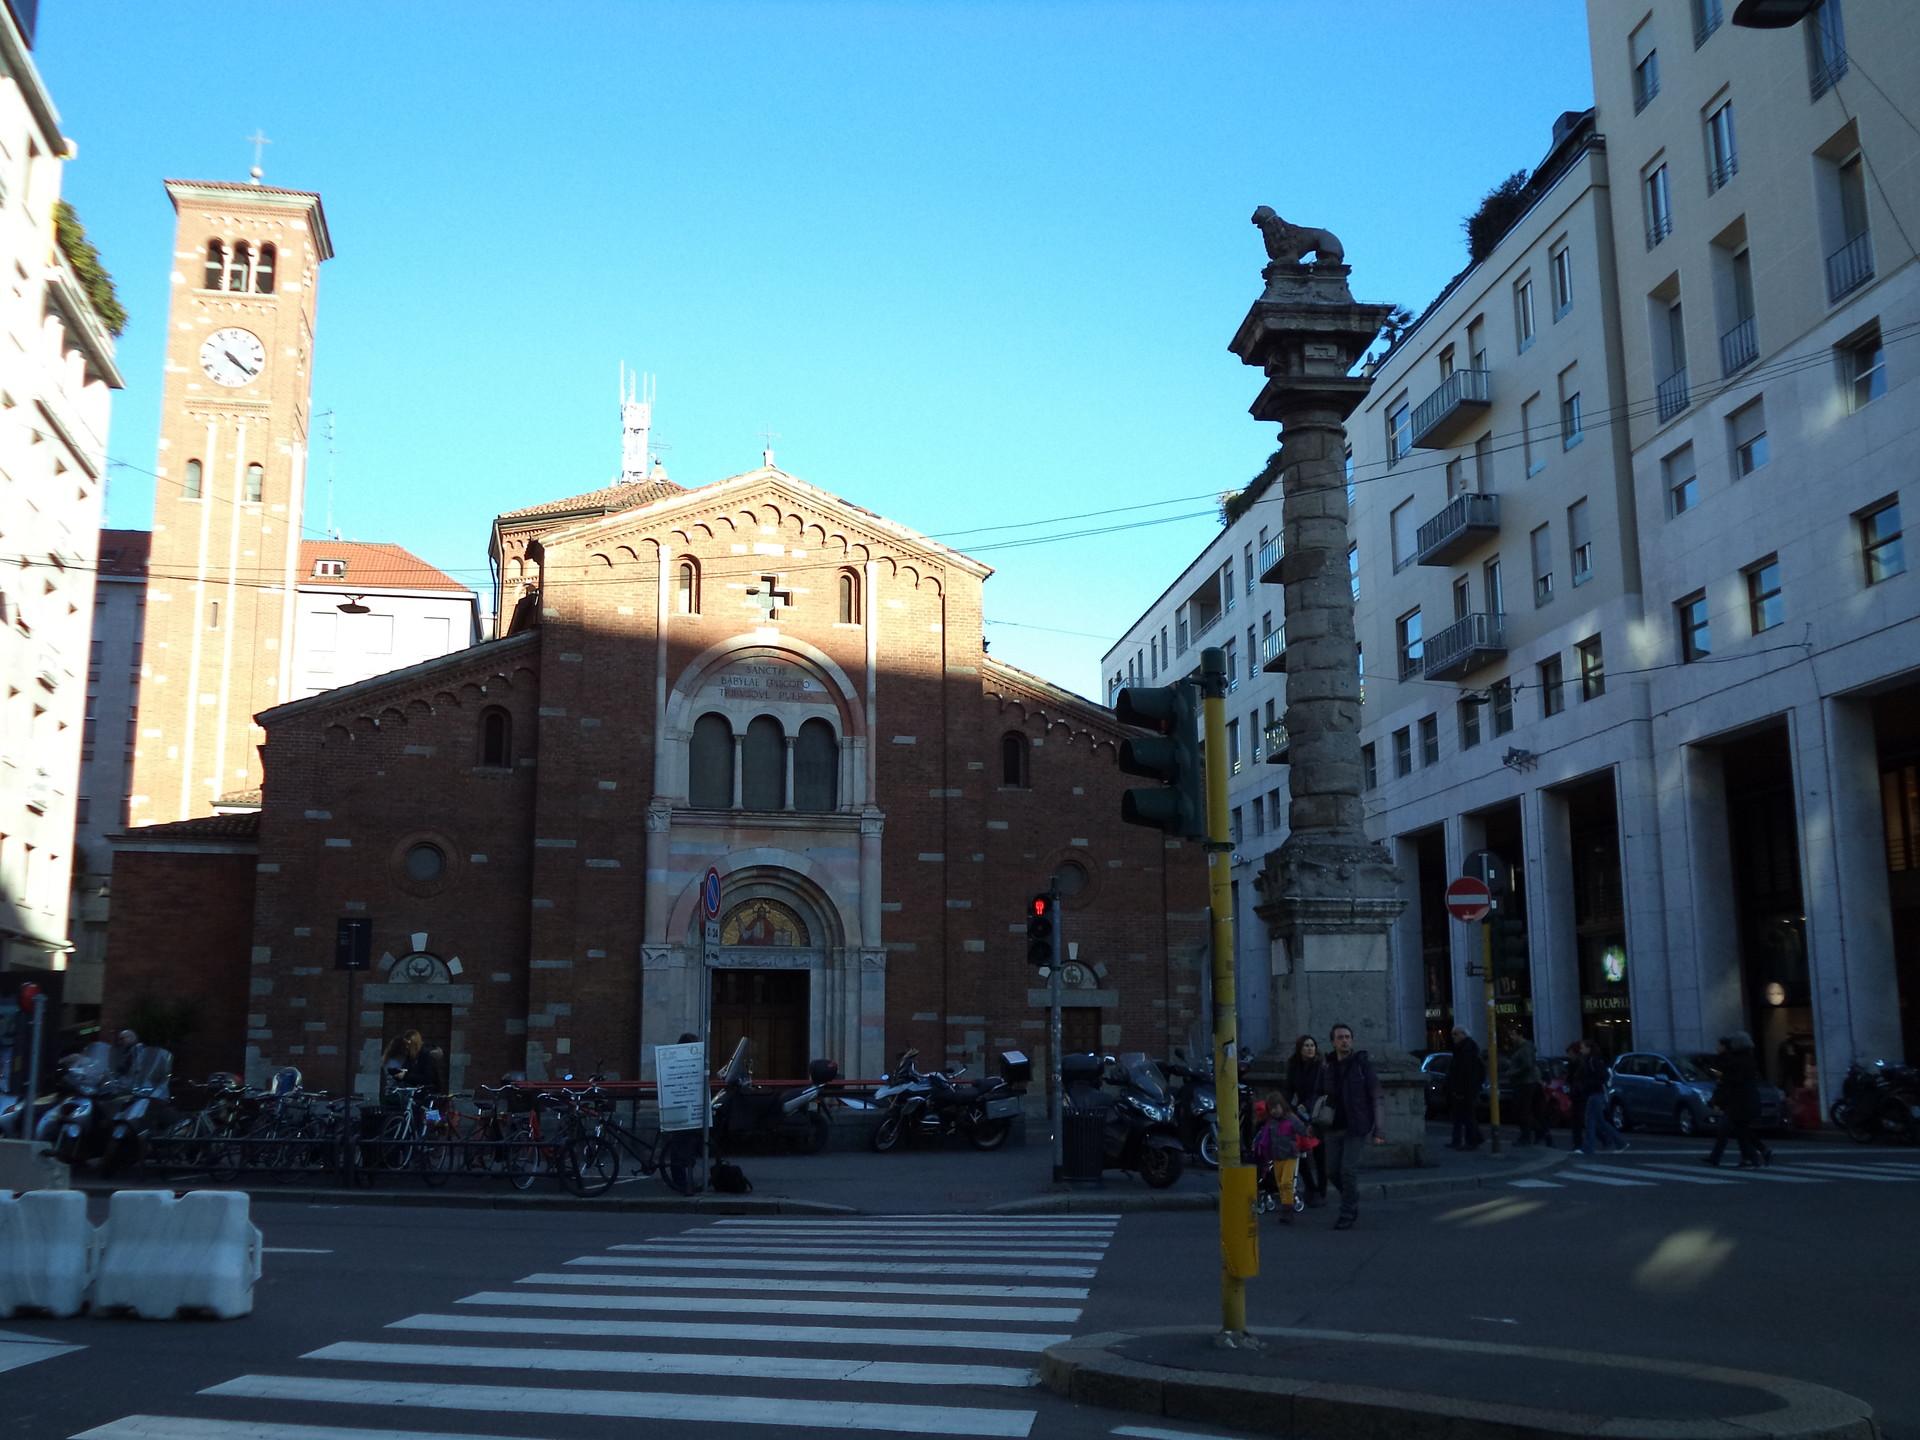 O tradicional românico no centro de Milão!